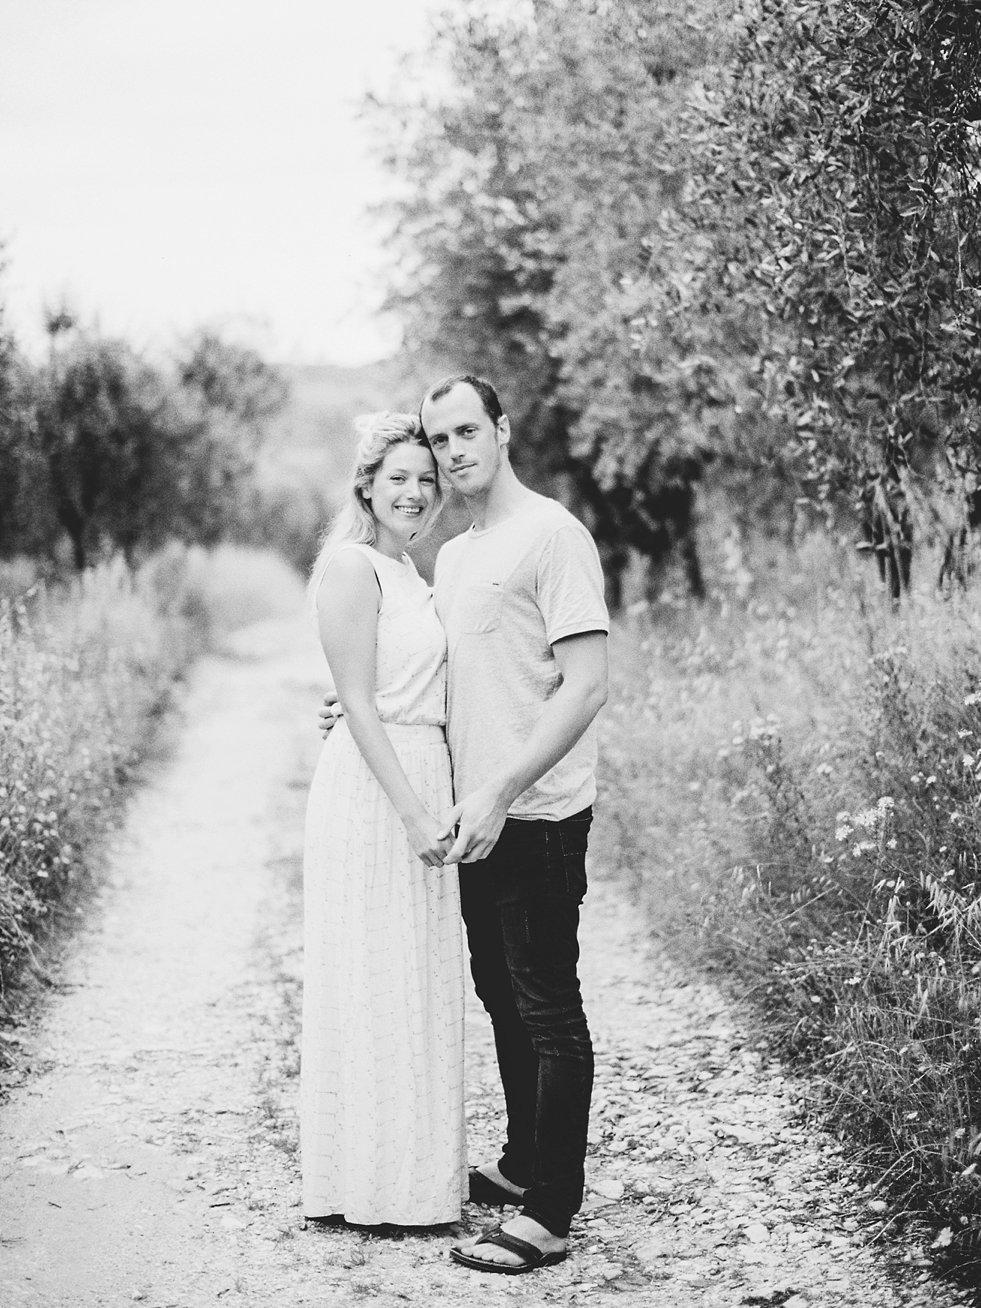 Amanda-Drost-modefotograaf-fashion-photography-editorial-odylyne-weddingdress_0033.jpg